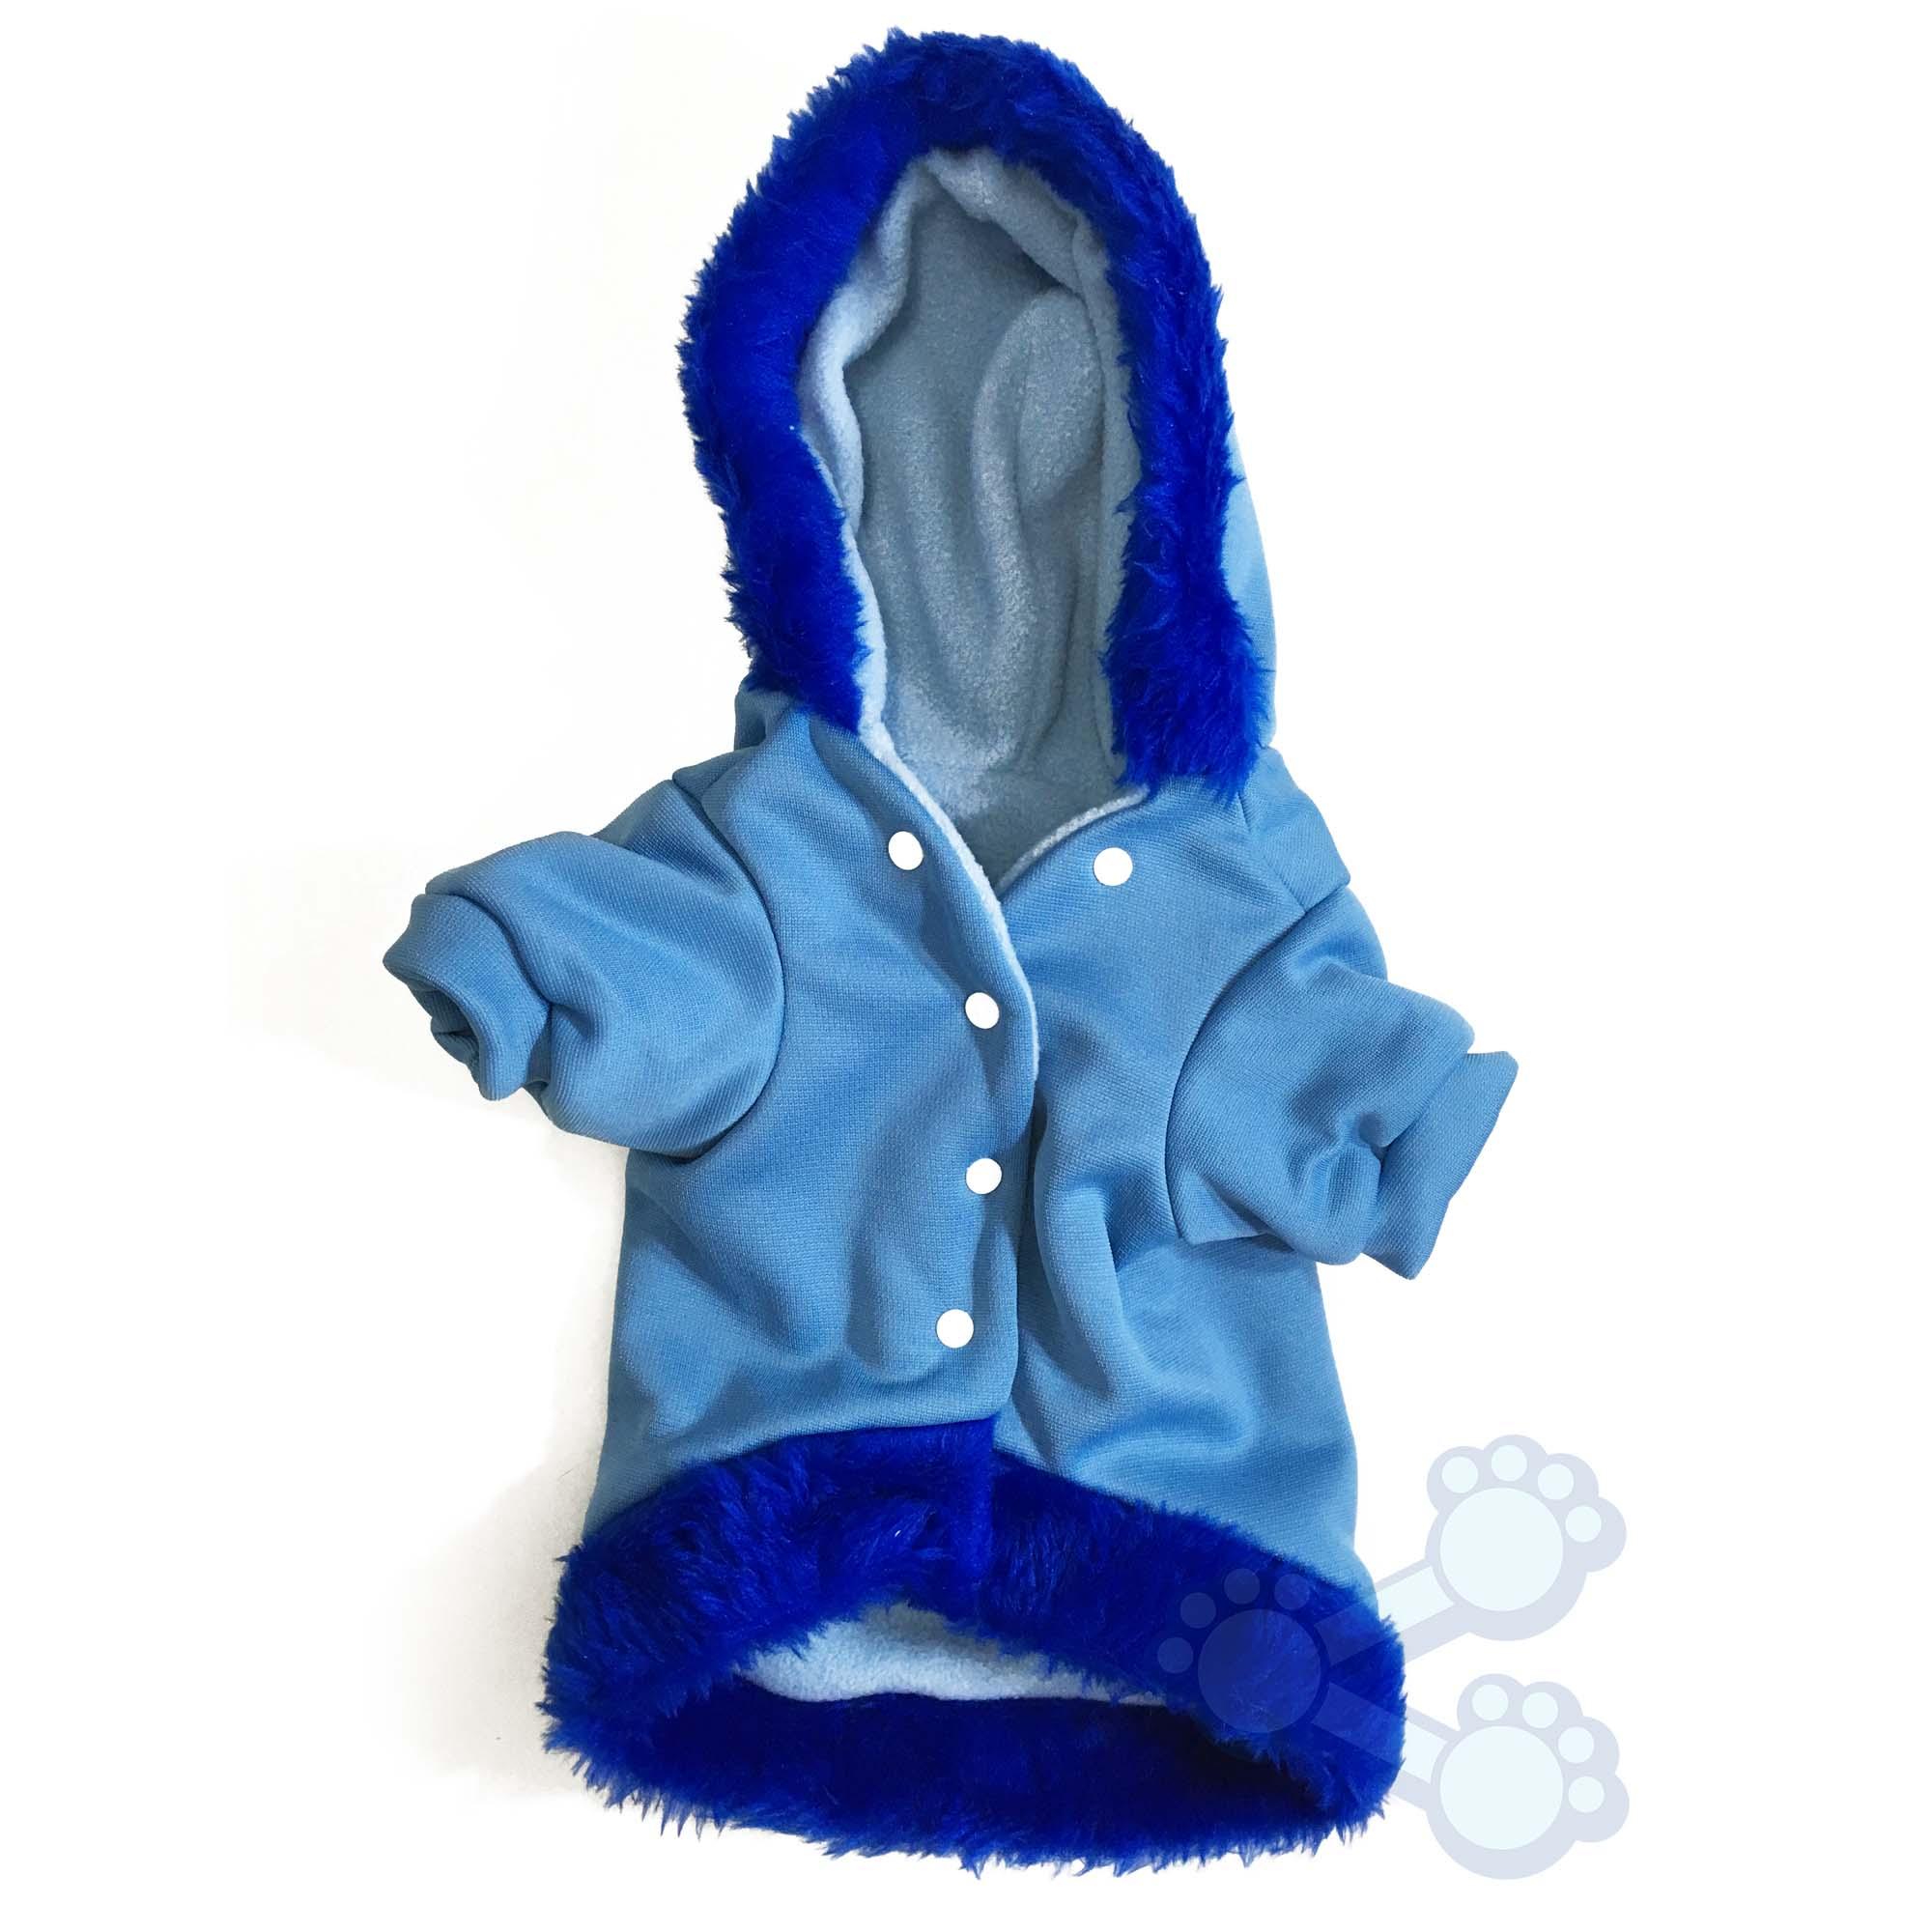 Famosos PetShare - Roupinha de Inverno para Cachorro Cães Blusa com Capuz Azul JY26